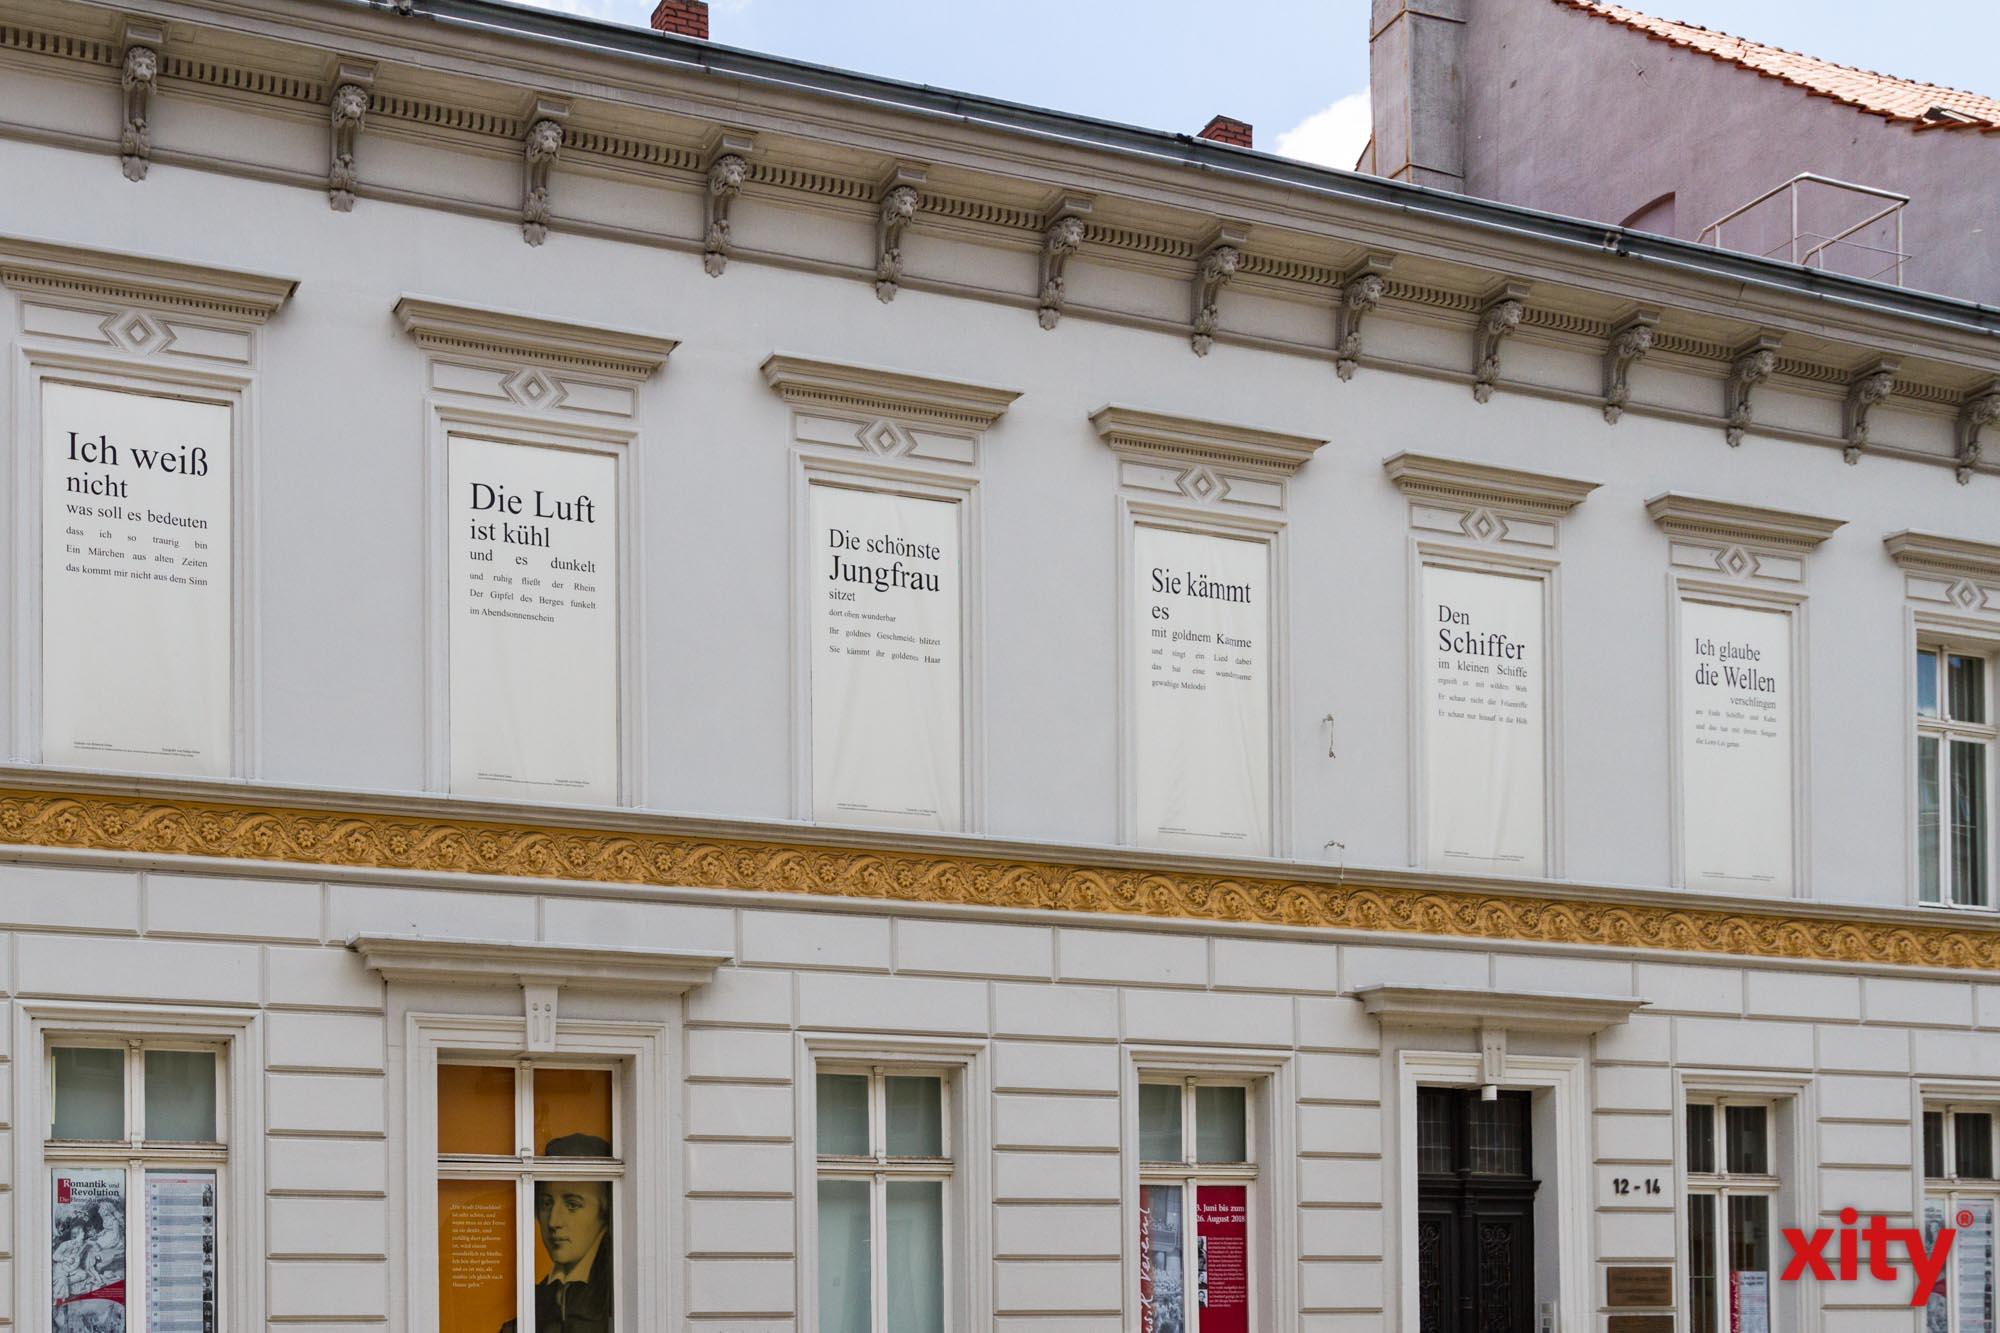 """Sonderausstellung """"Ideen! Zur Straße der Romantik und Revolution"""" im Heinrich-Heine-Institut (Foto: xity)"""